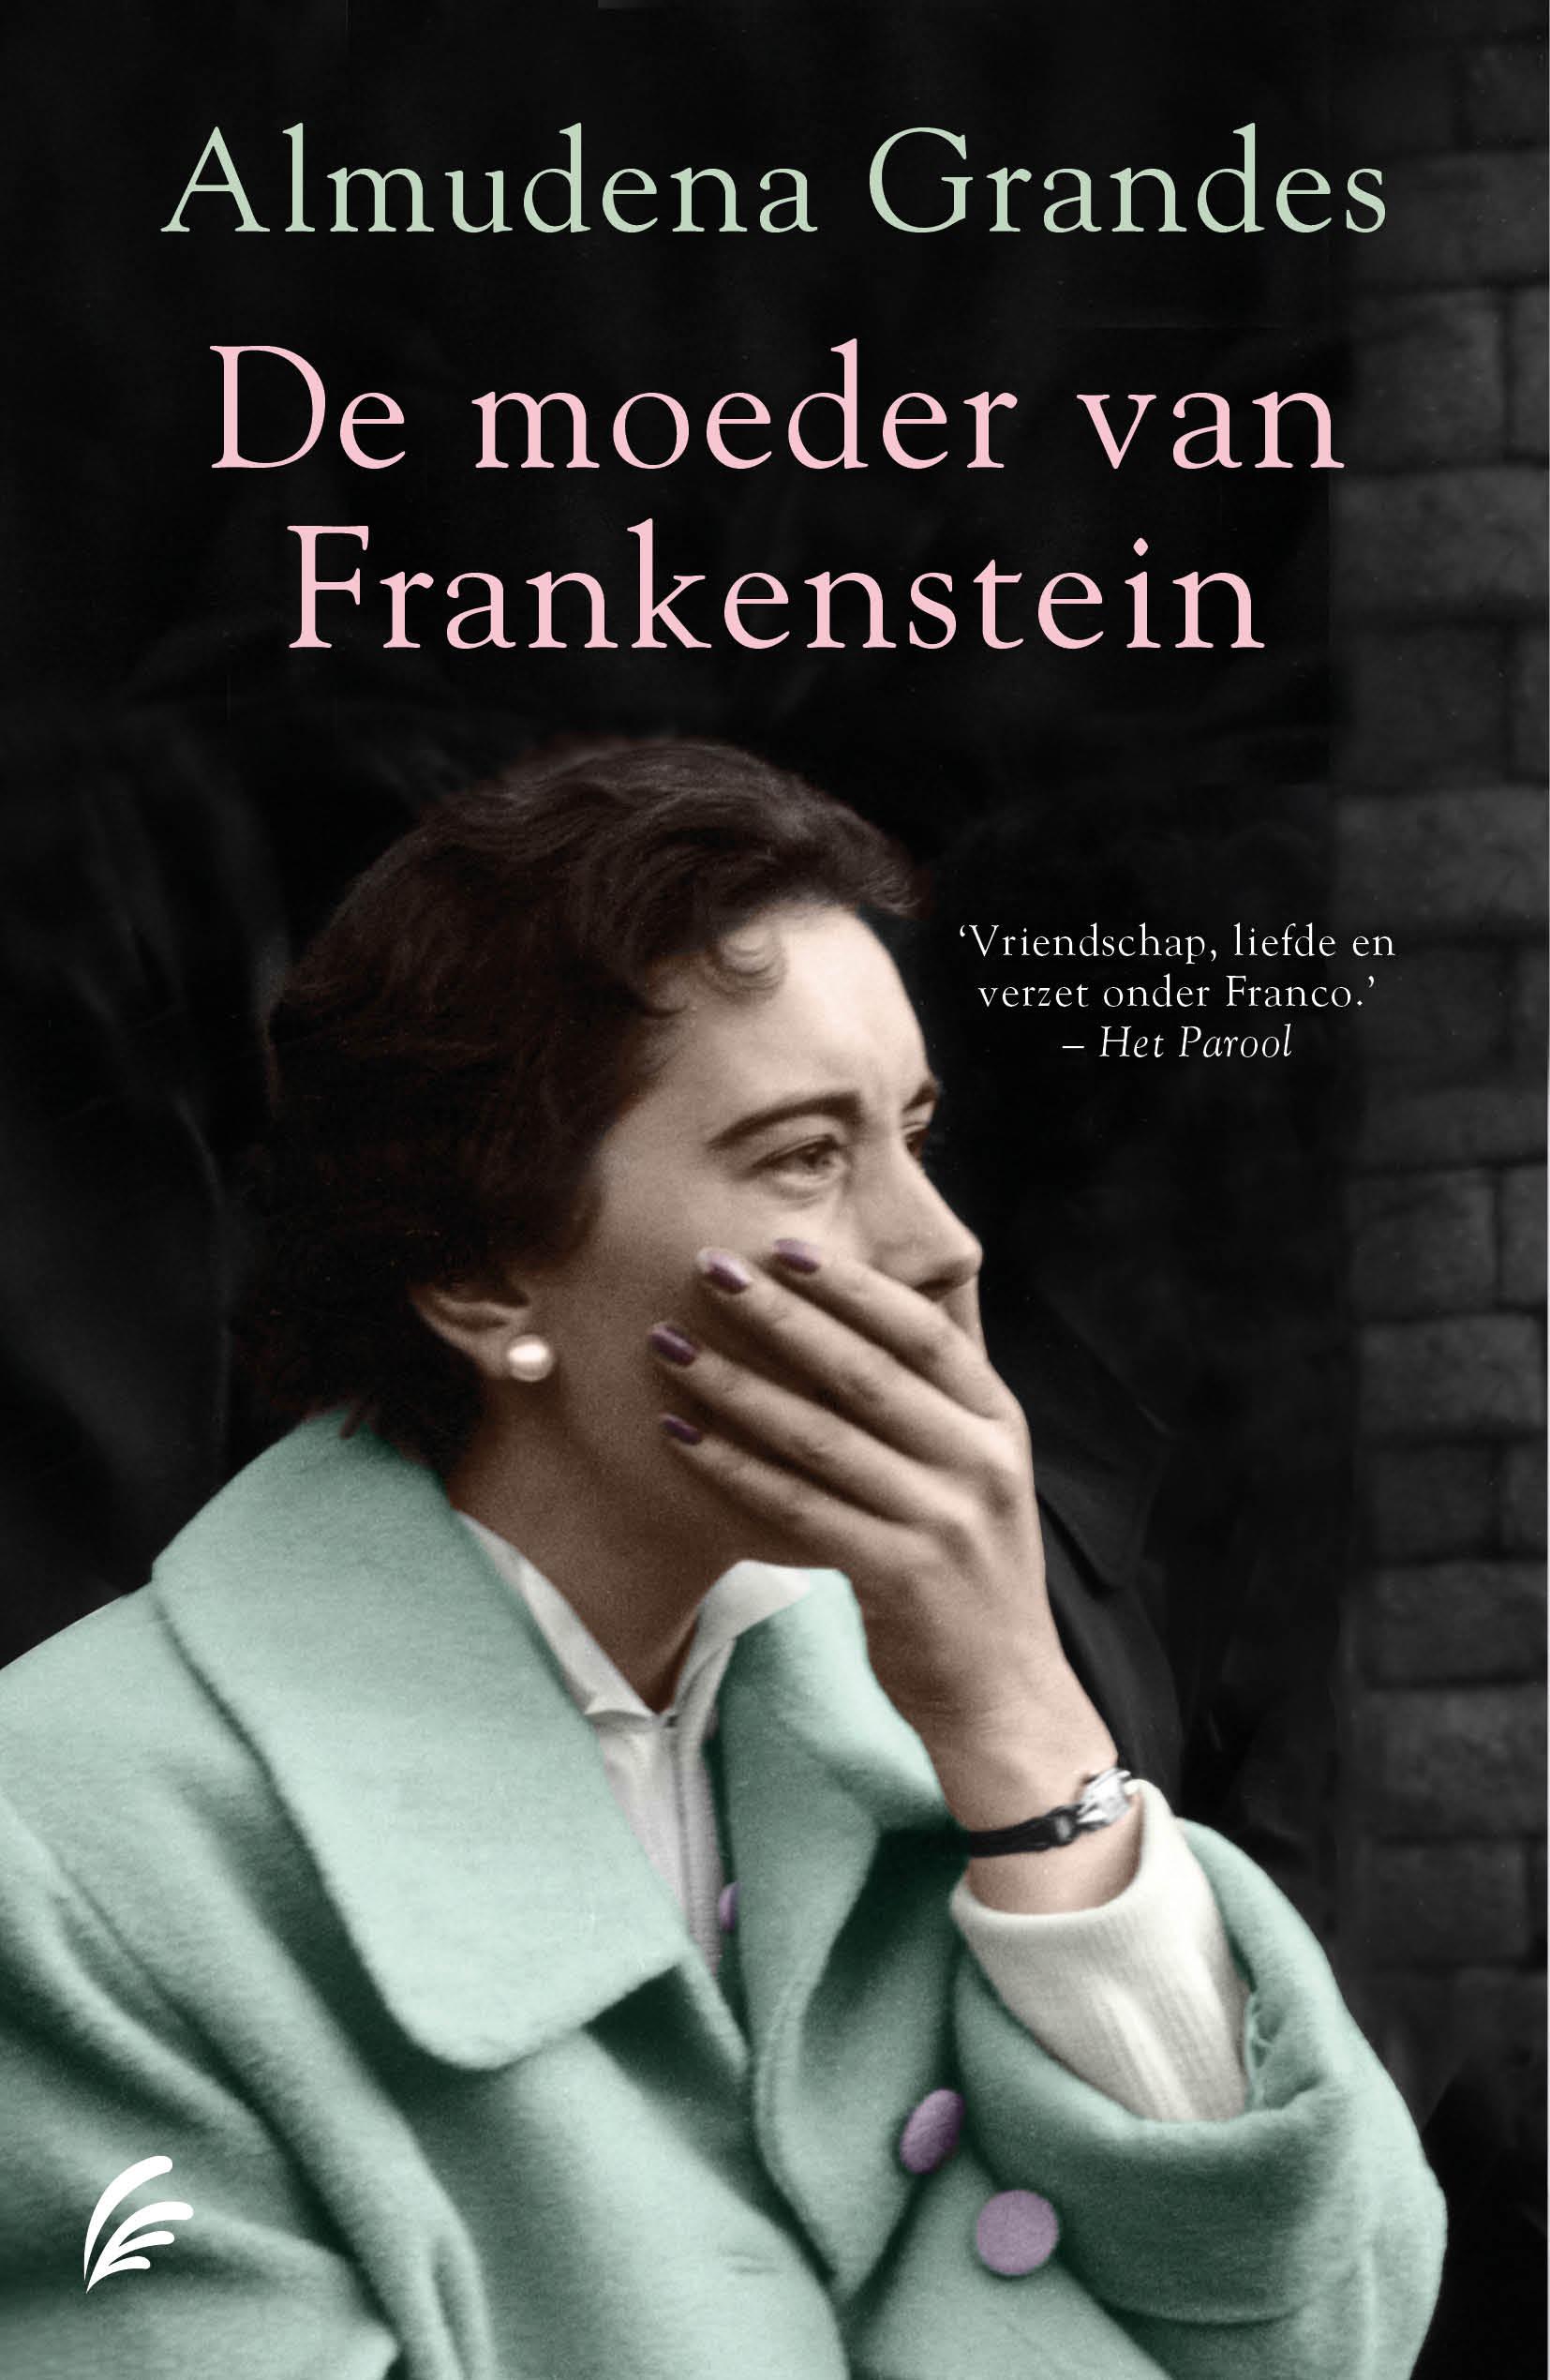 De moeder van Frankenstein - boekenflits